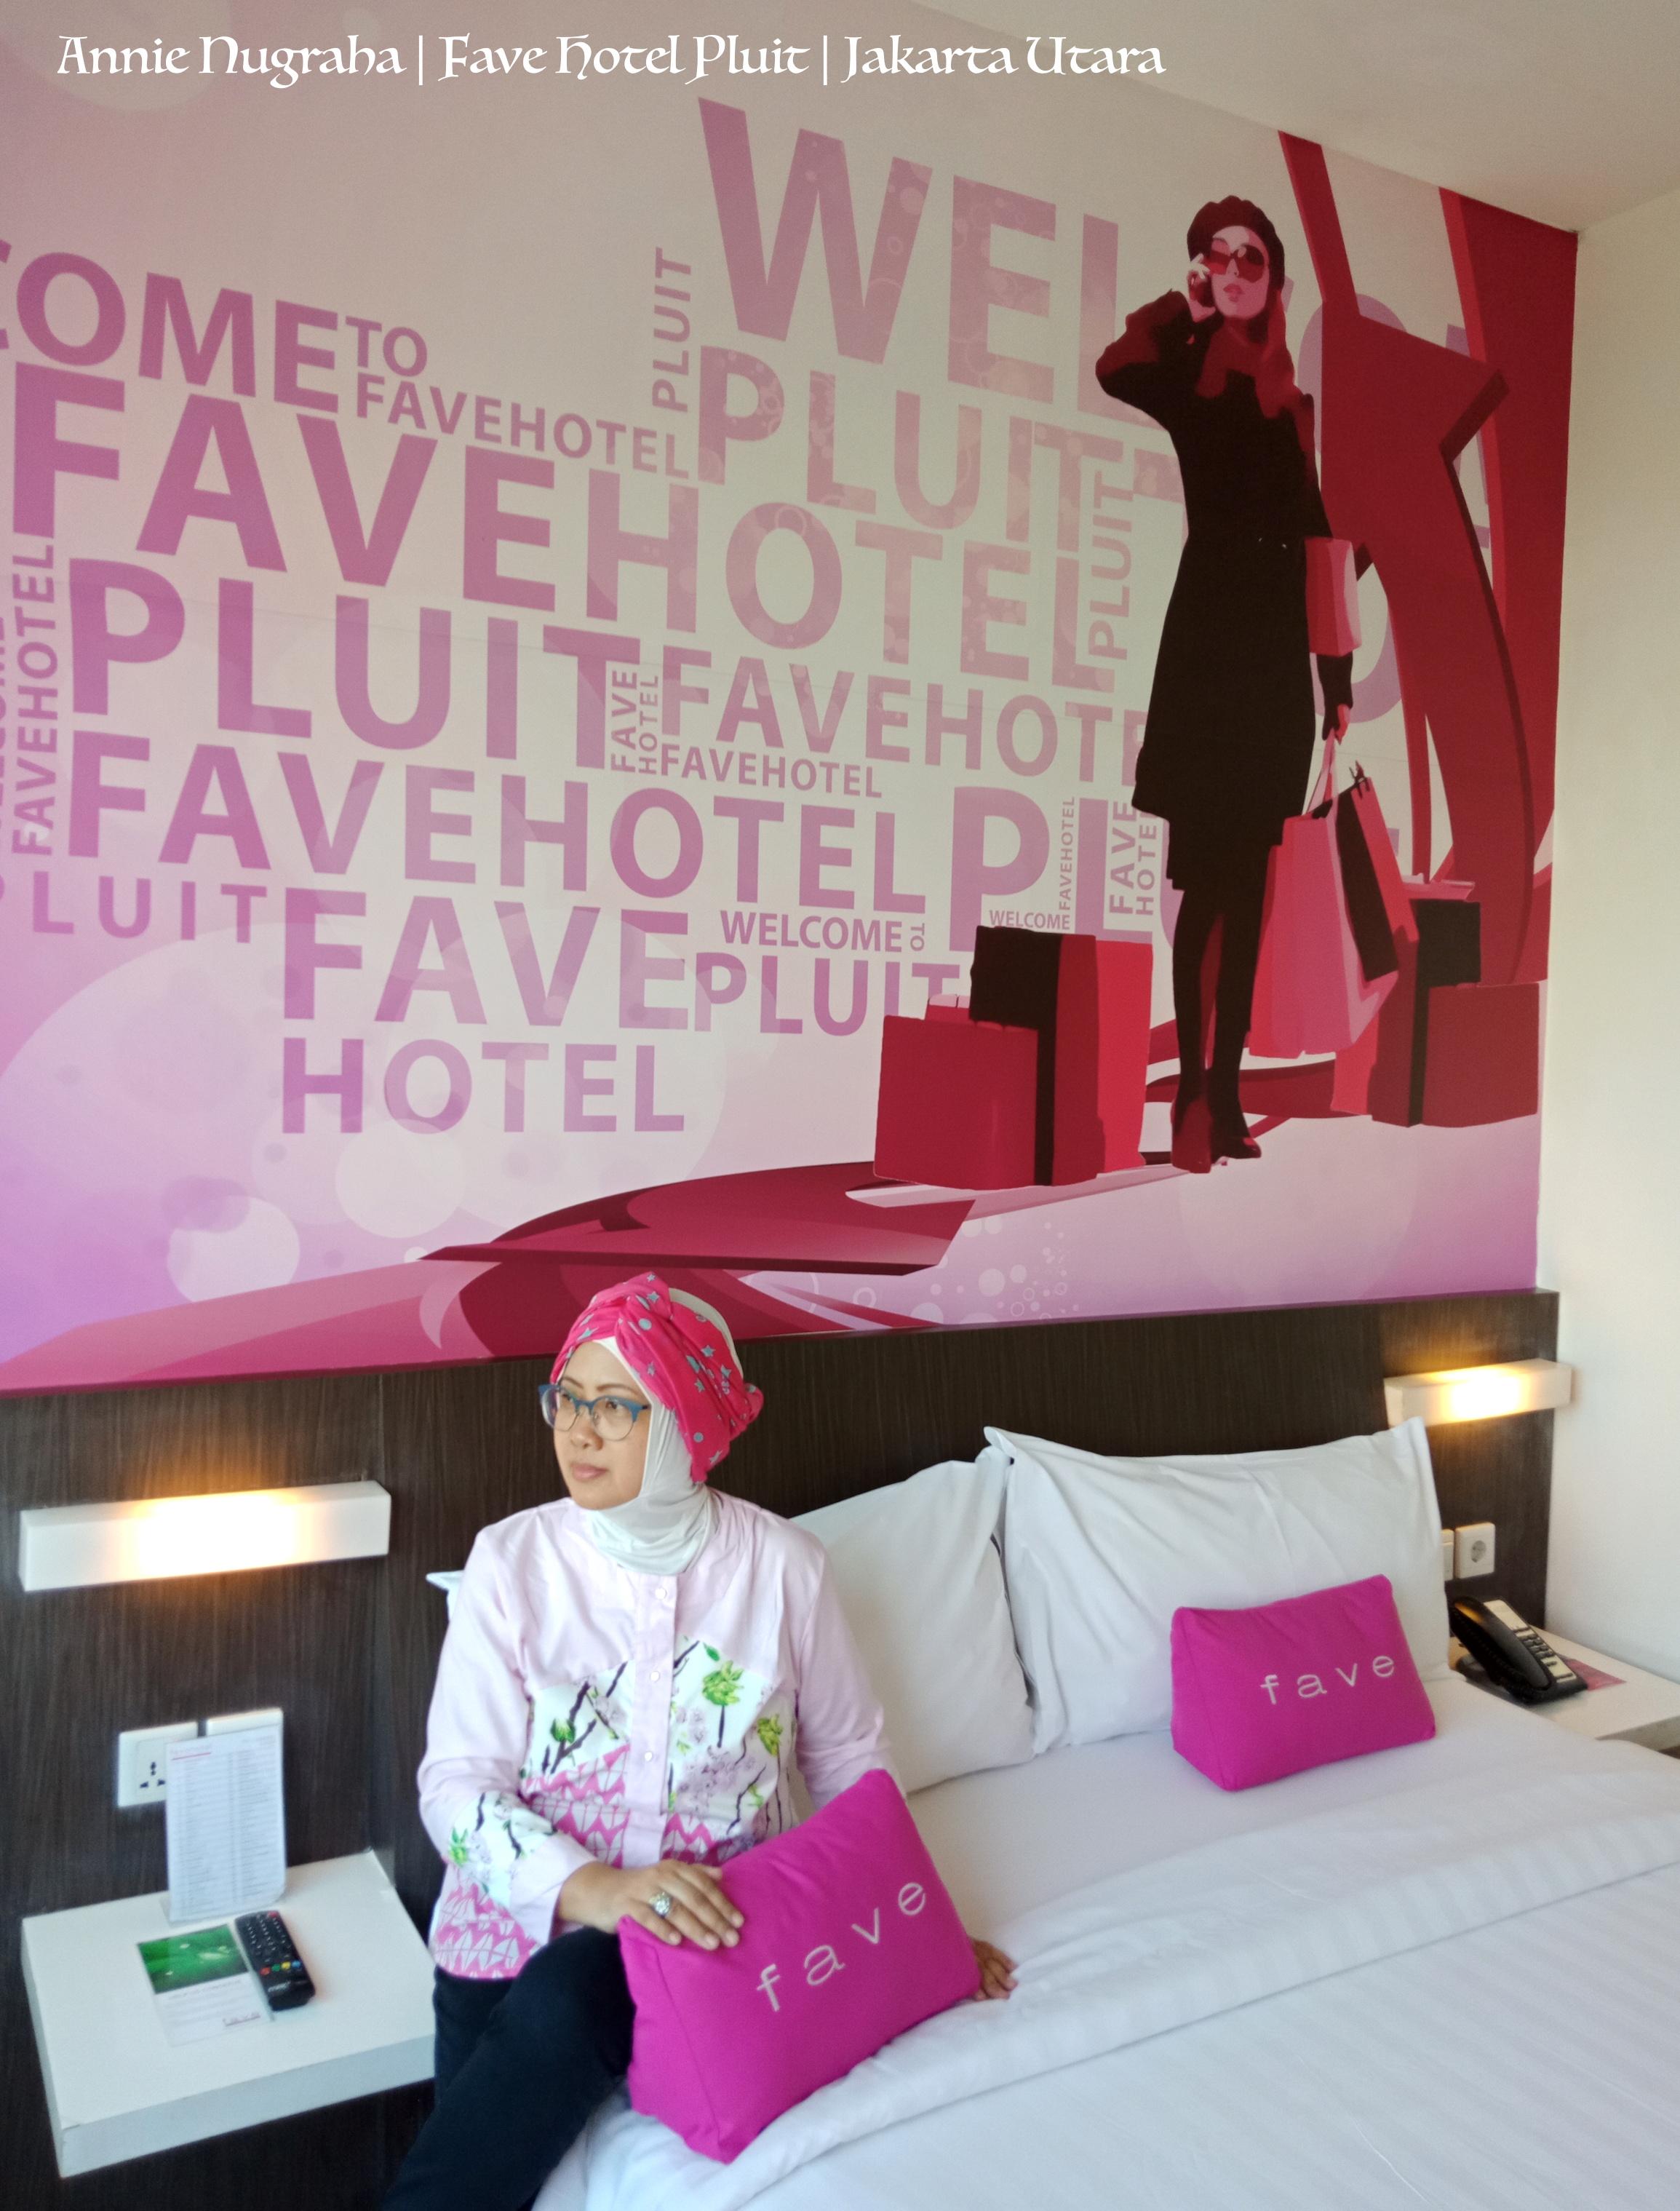 Semalam Berkualitas di FAVE Hotel Pluit Junction | Jakarta Utara